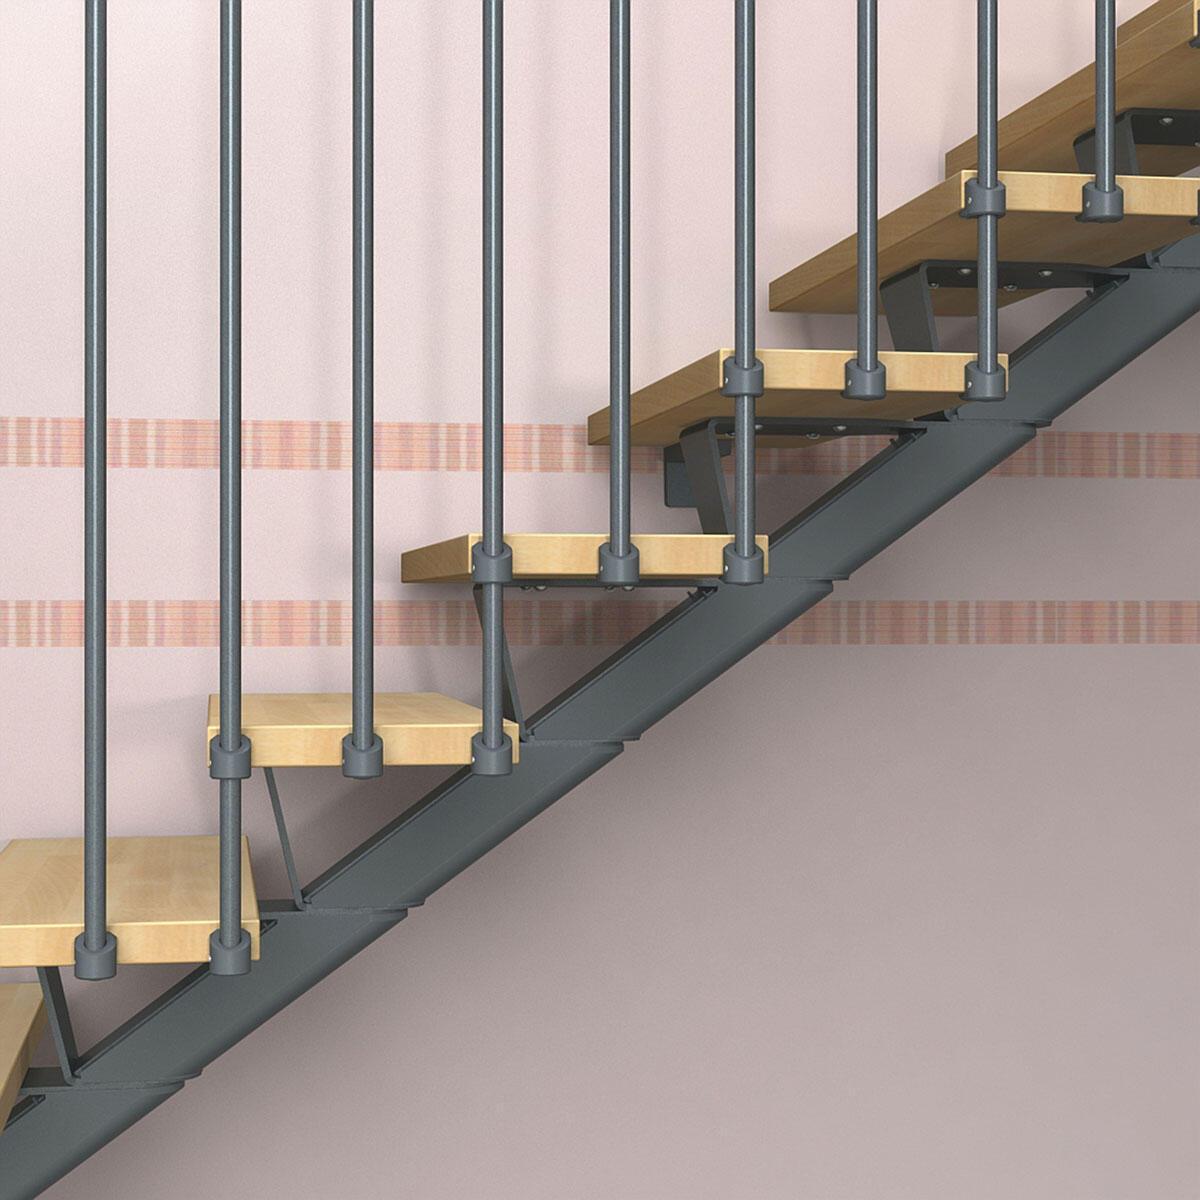 Scala a rampa due quarti di giro Mas 030 FONTANOT L 85 cm, gradino naturale, struttura antracite - 4